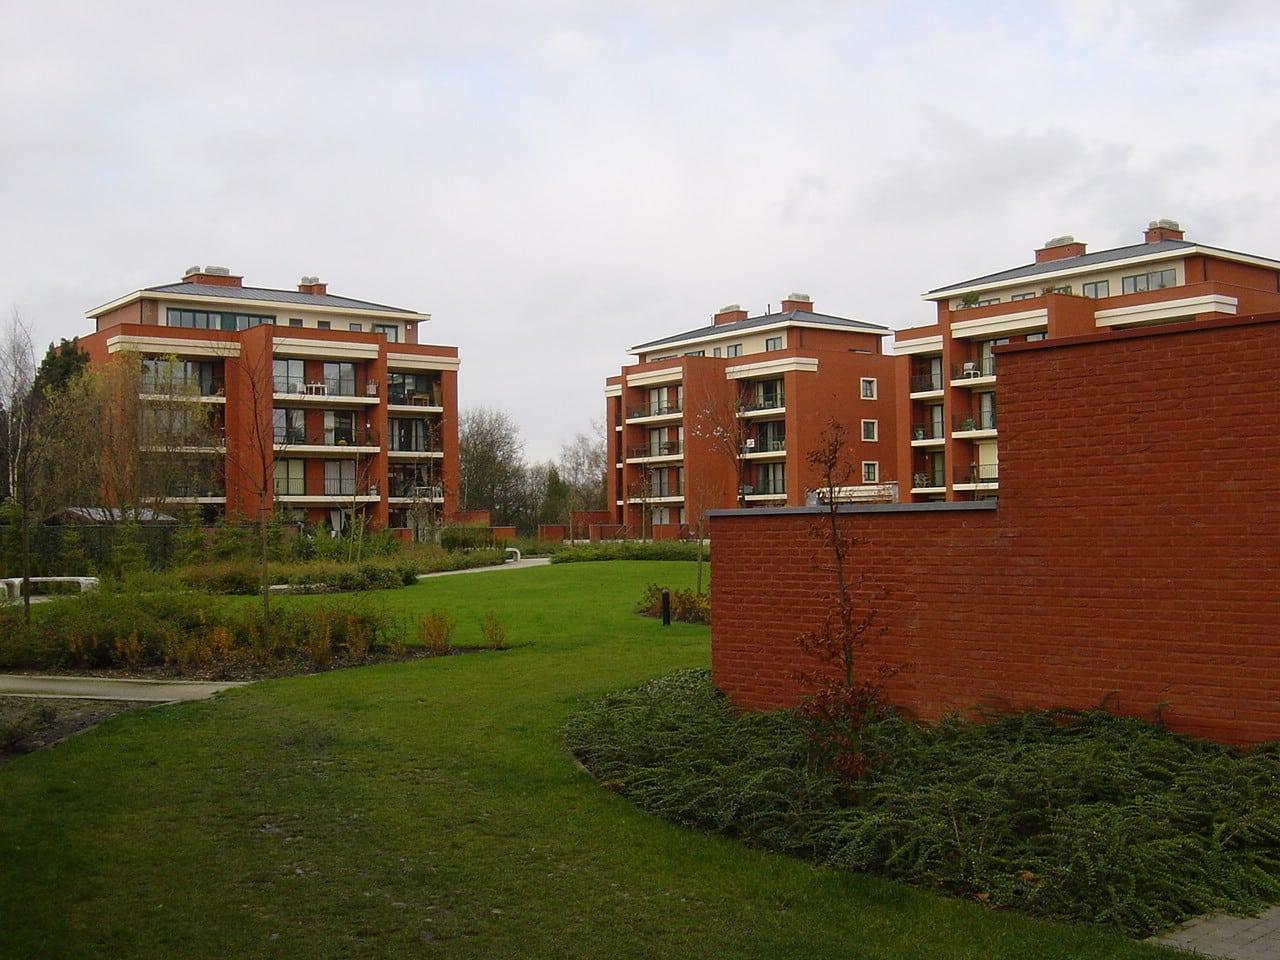 Residentie Veldmansberg – Hasselt